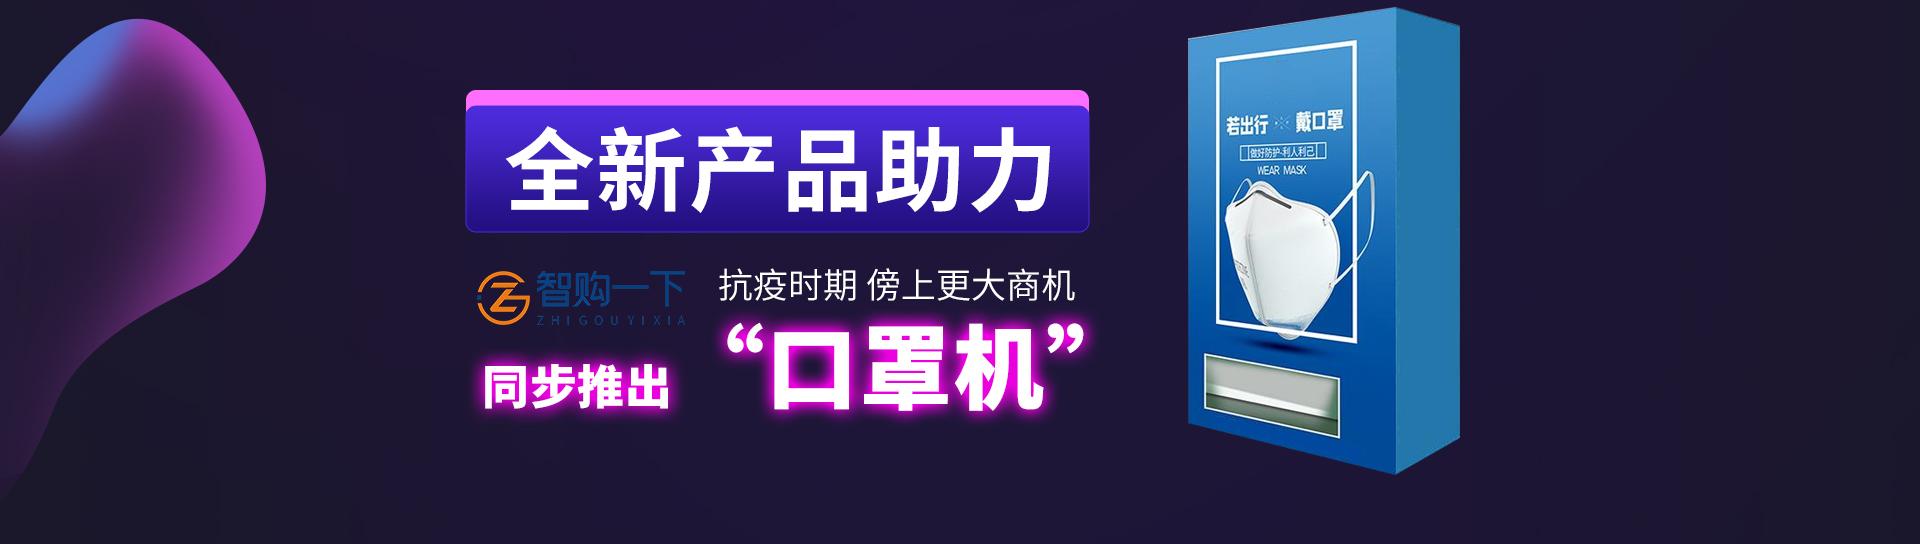 智购情趣生活馆zg_06